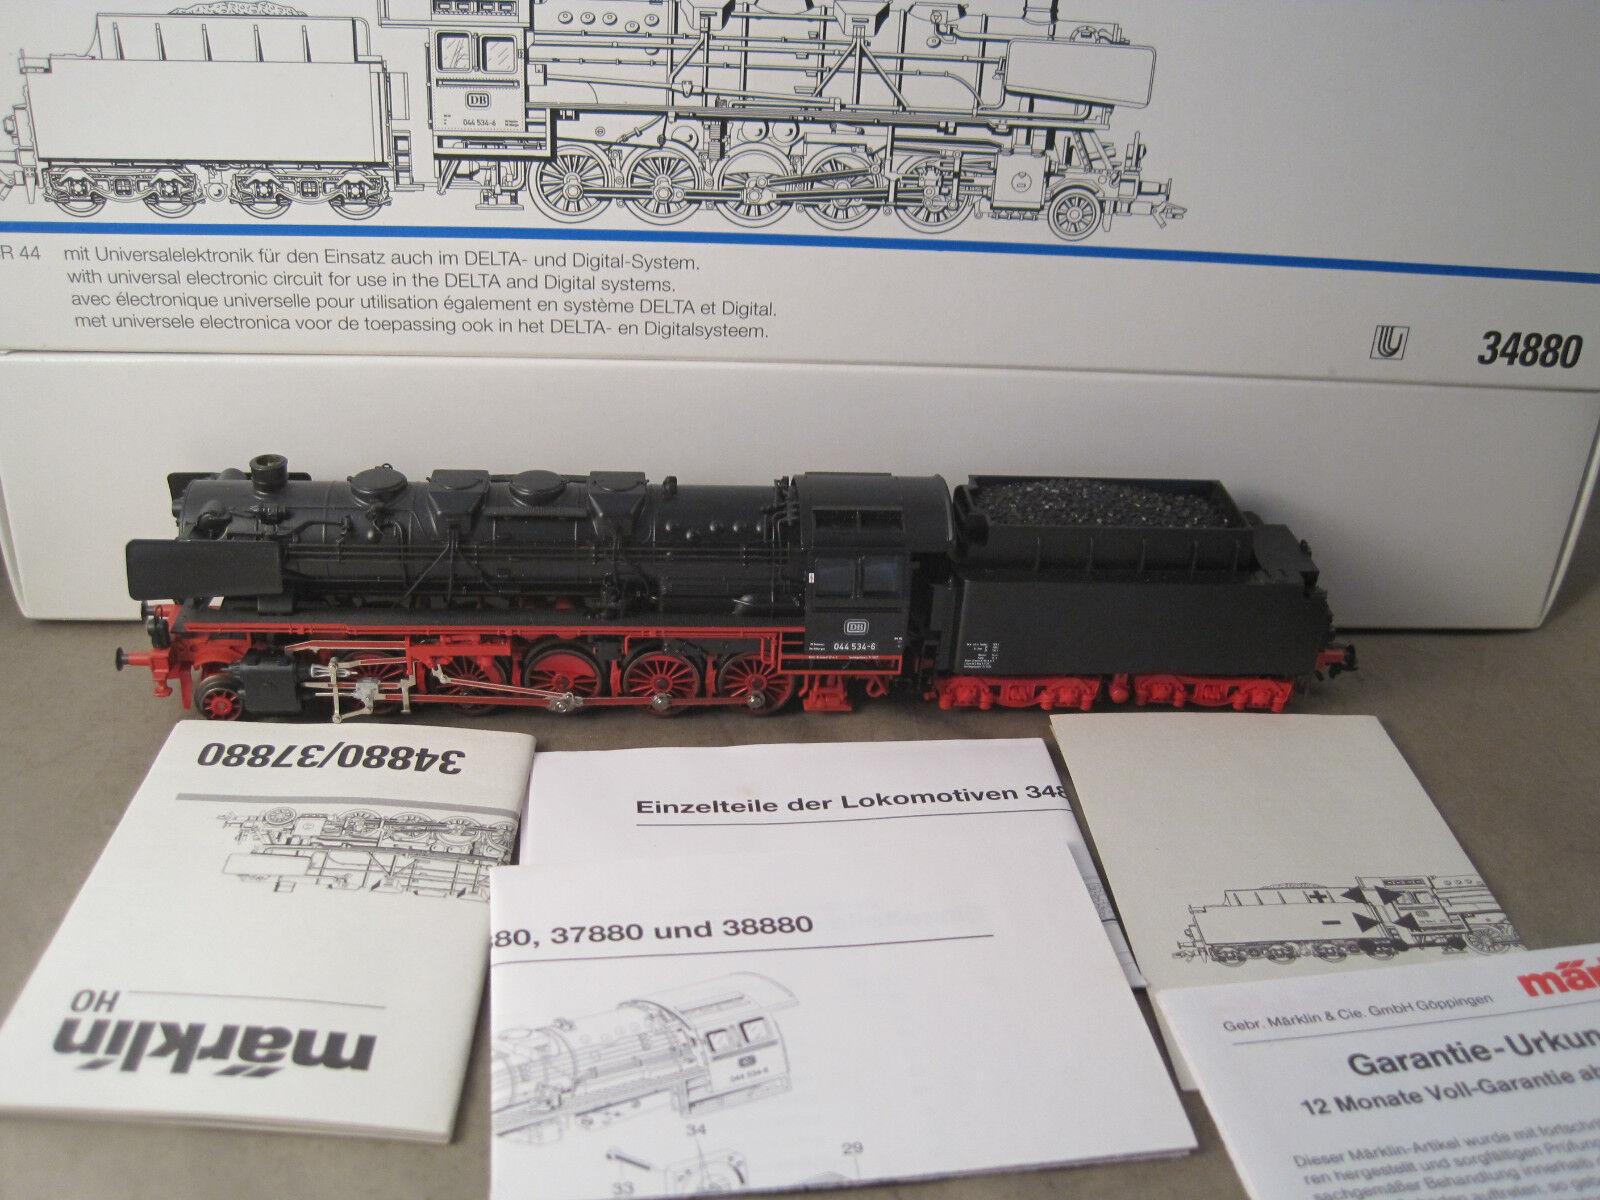 h0 34880 BR 044 DB + fumo produttori Delta come nuovo OVP + istruzioni